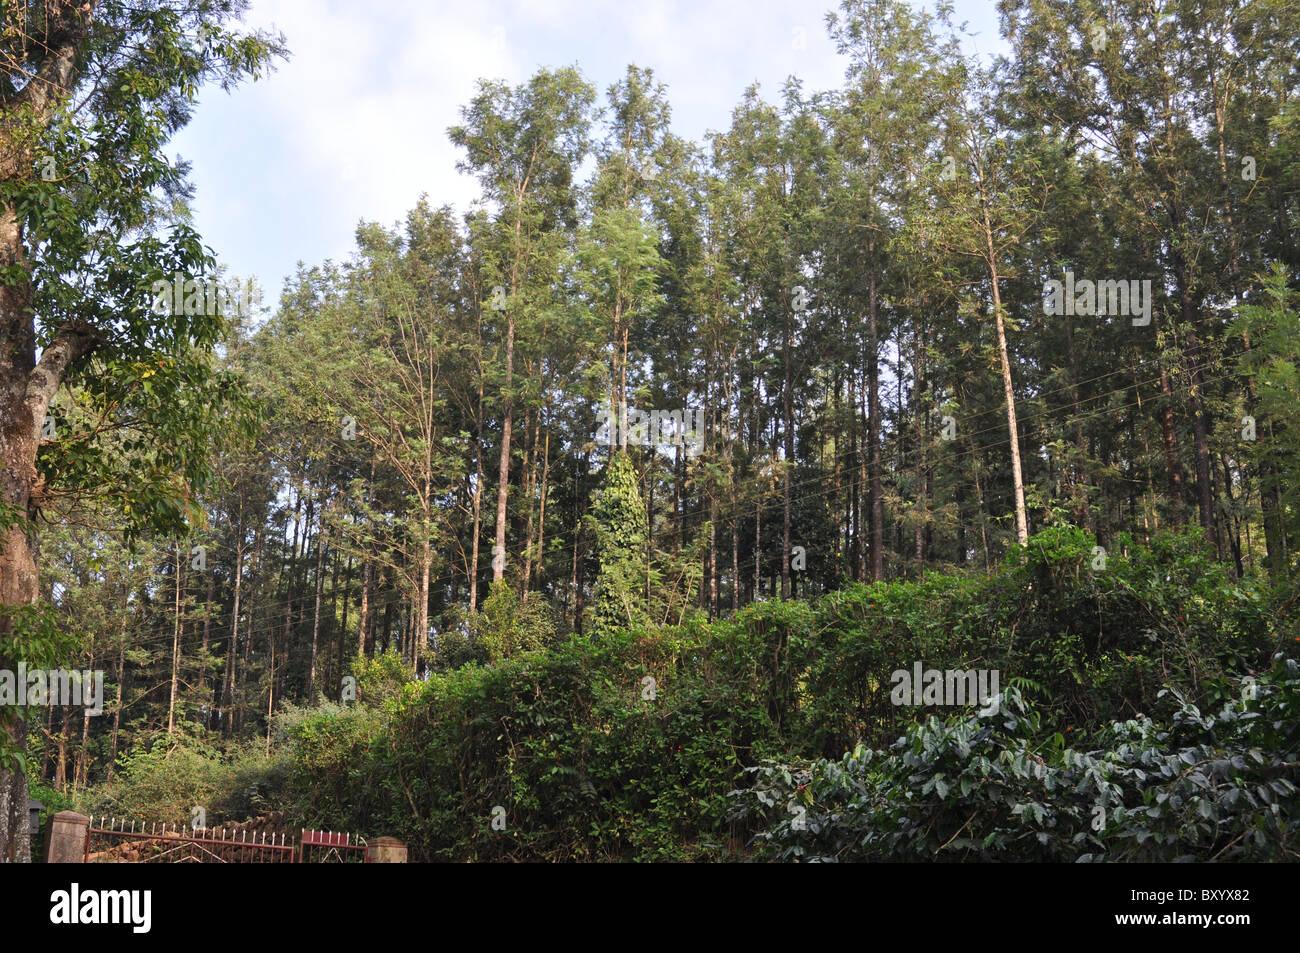 L'ombra degli alberi piantati vicini gli uni agli altri in un coffee break Immagini Stock